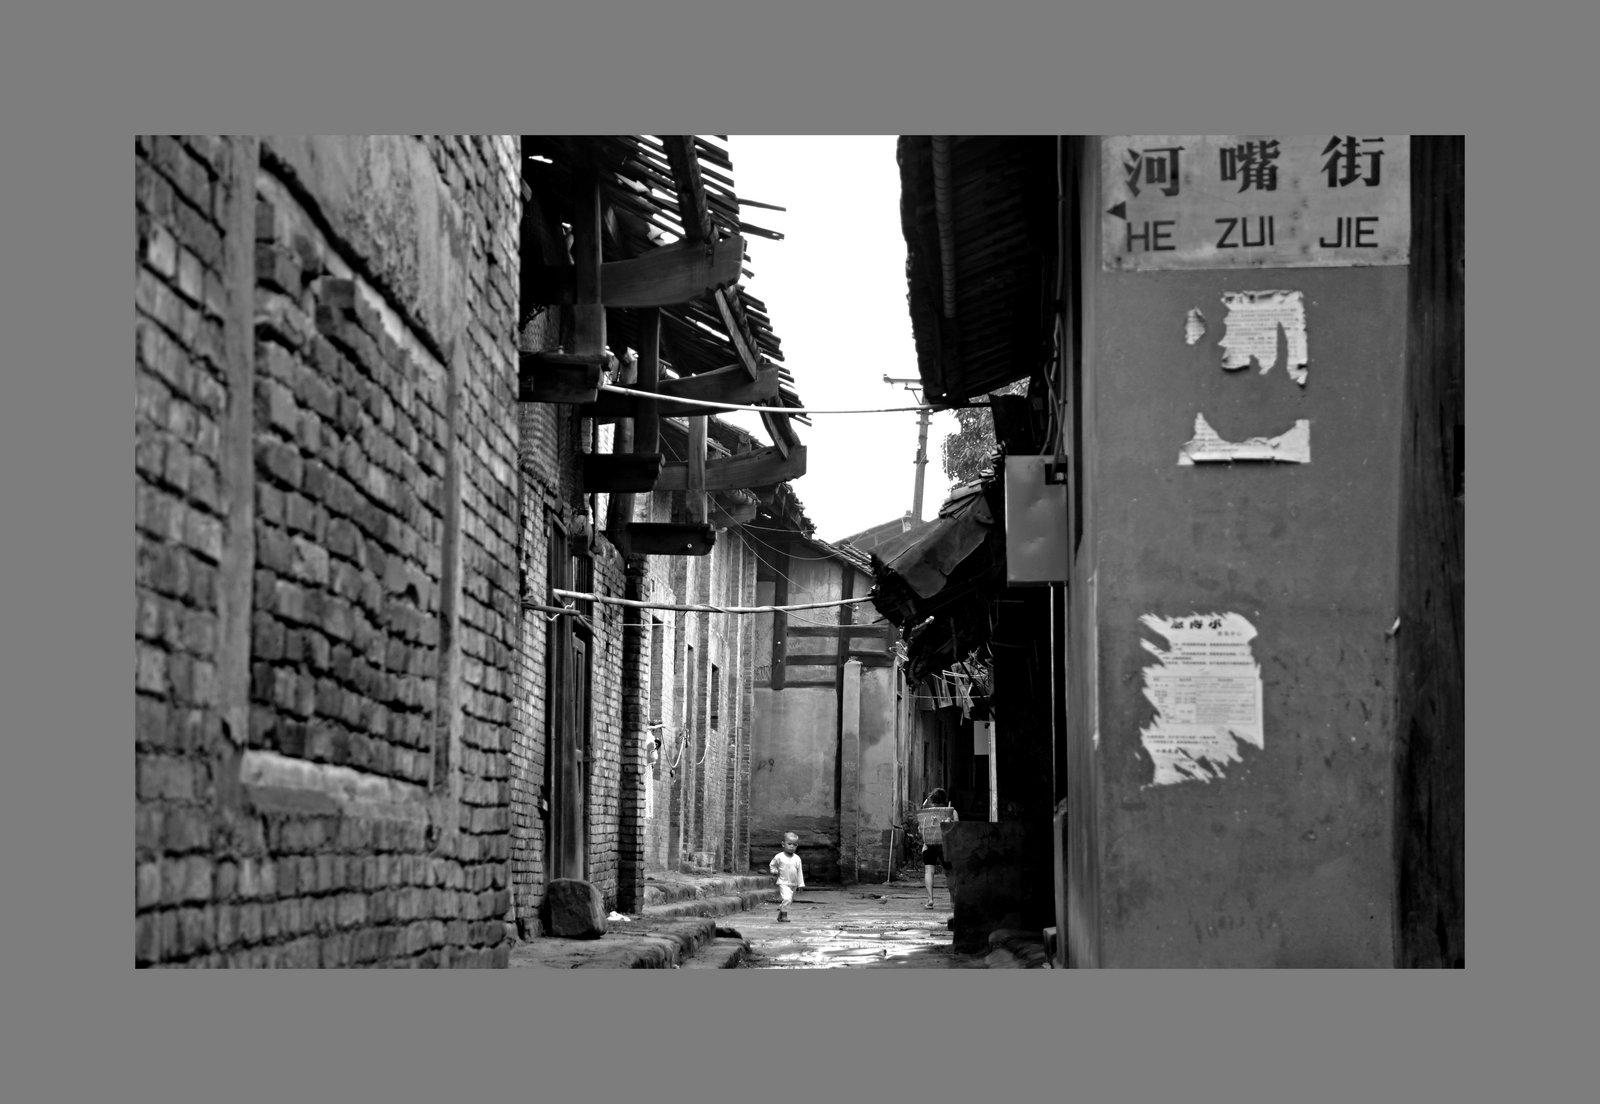 狮子123作品:古镇的命运